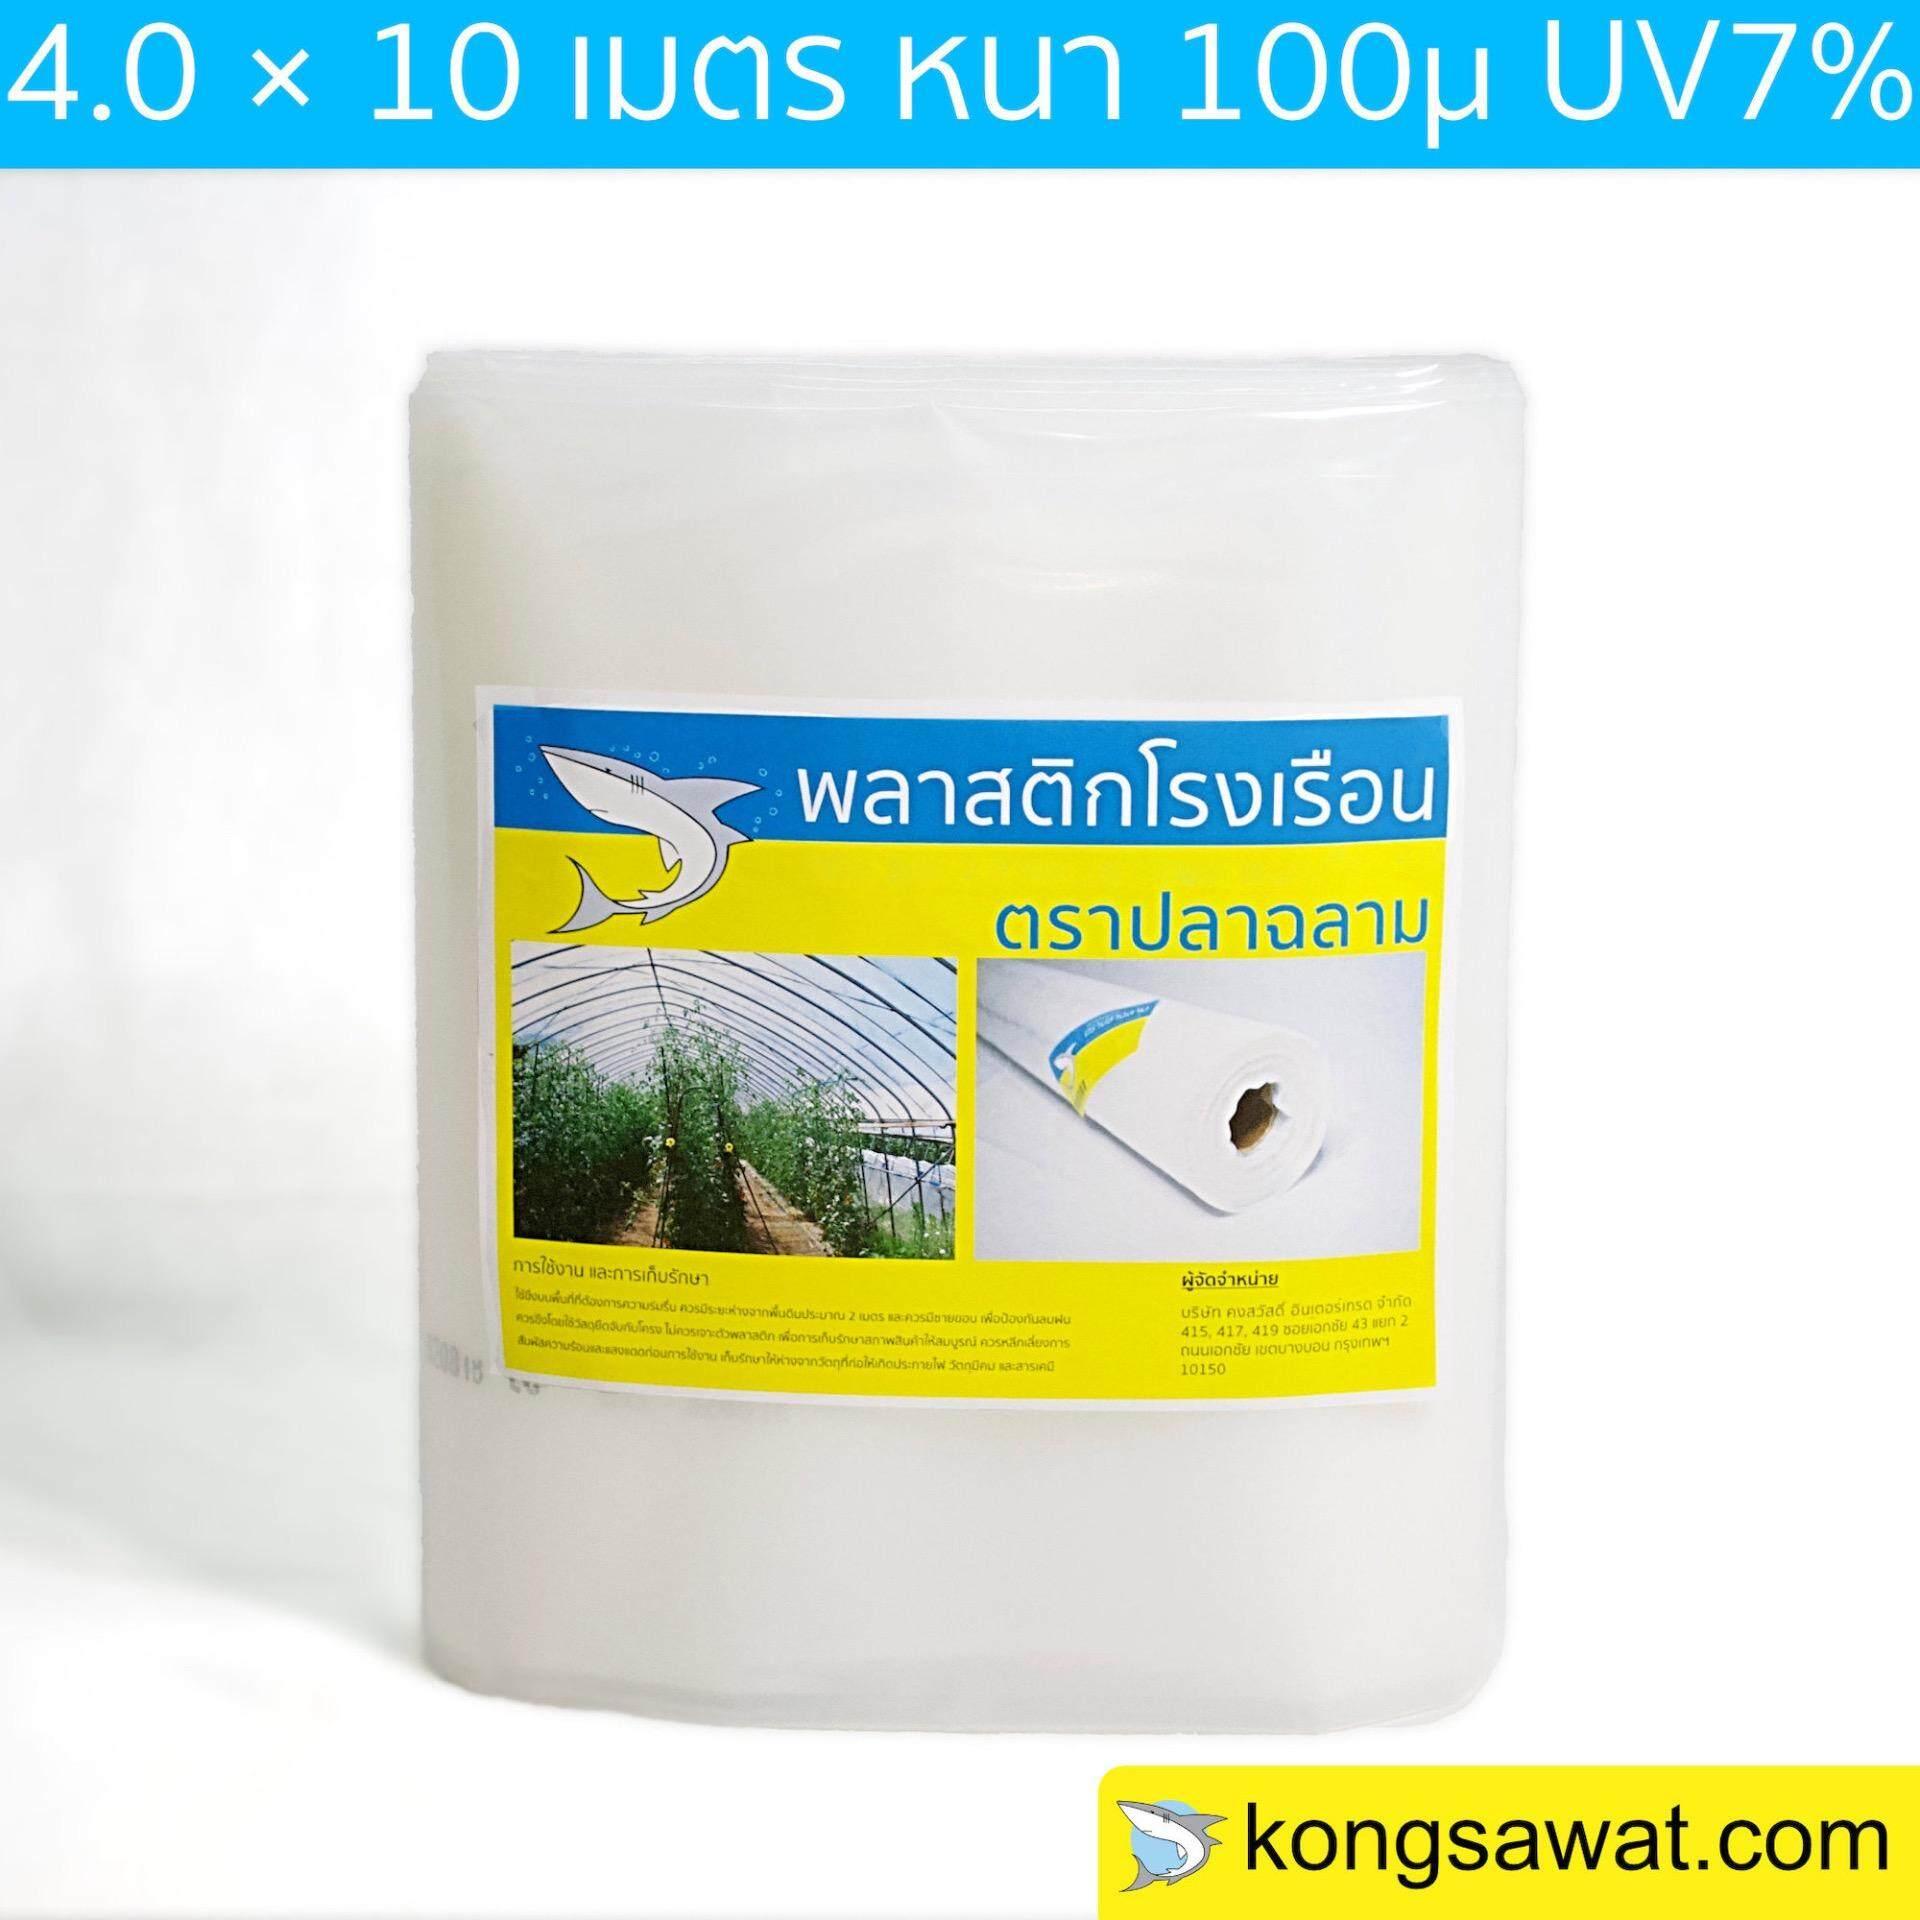 พลาสติกใสโรงเรือน ขนาด 4.0 × 10 เมตร หนา 100 ไมครอน Uv7% By Kongsawat Intertrade Co.,ltd..